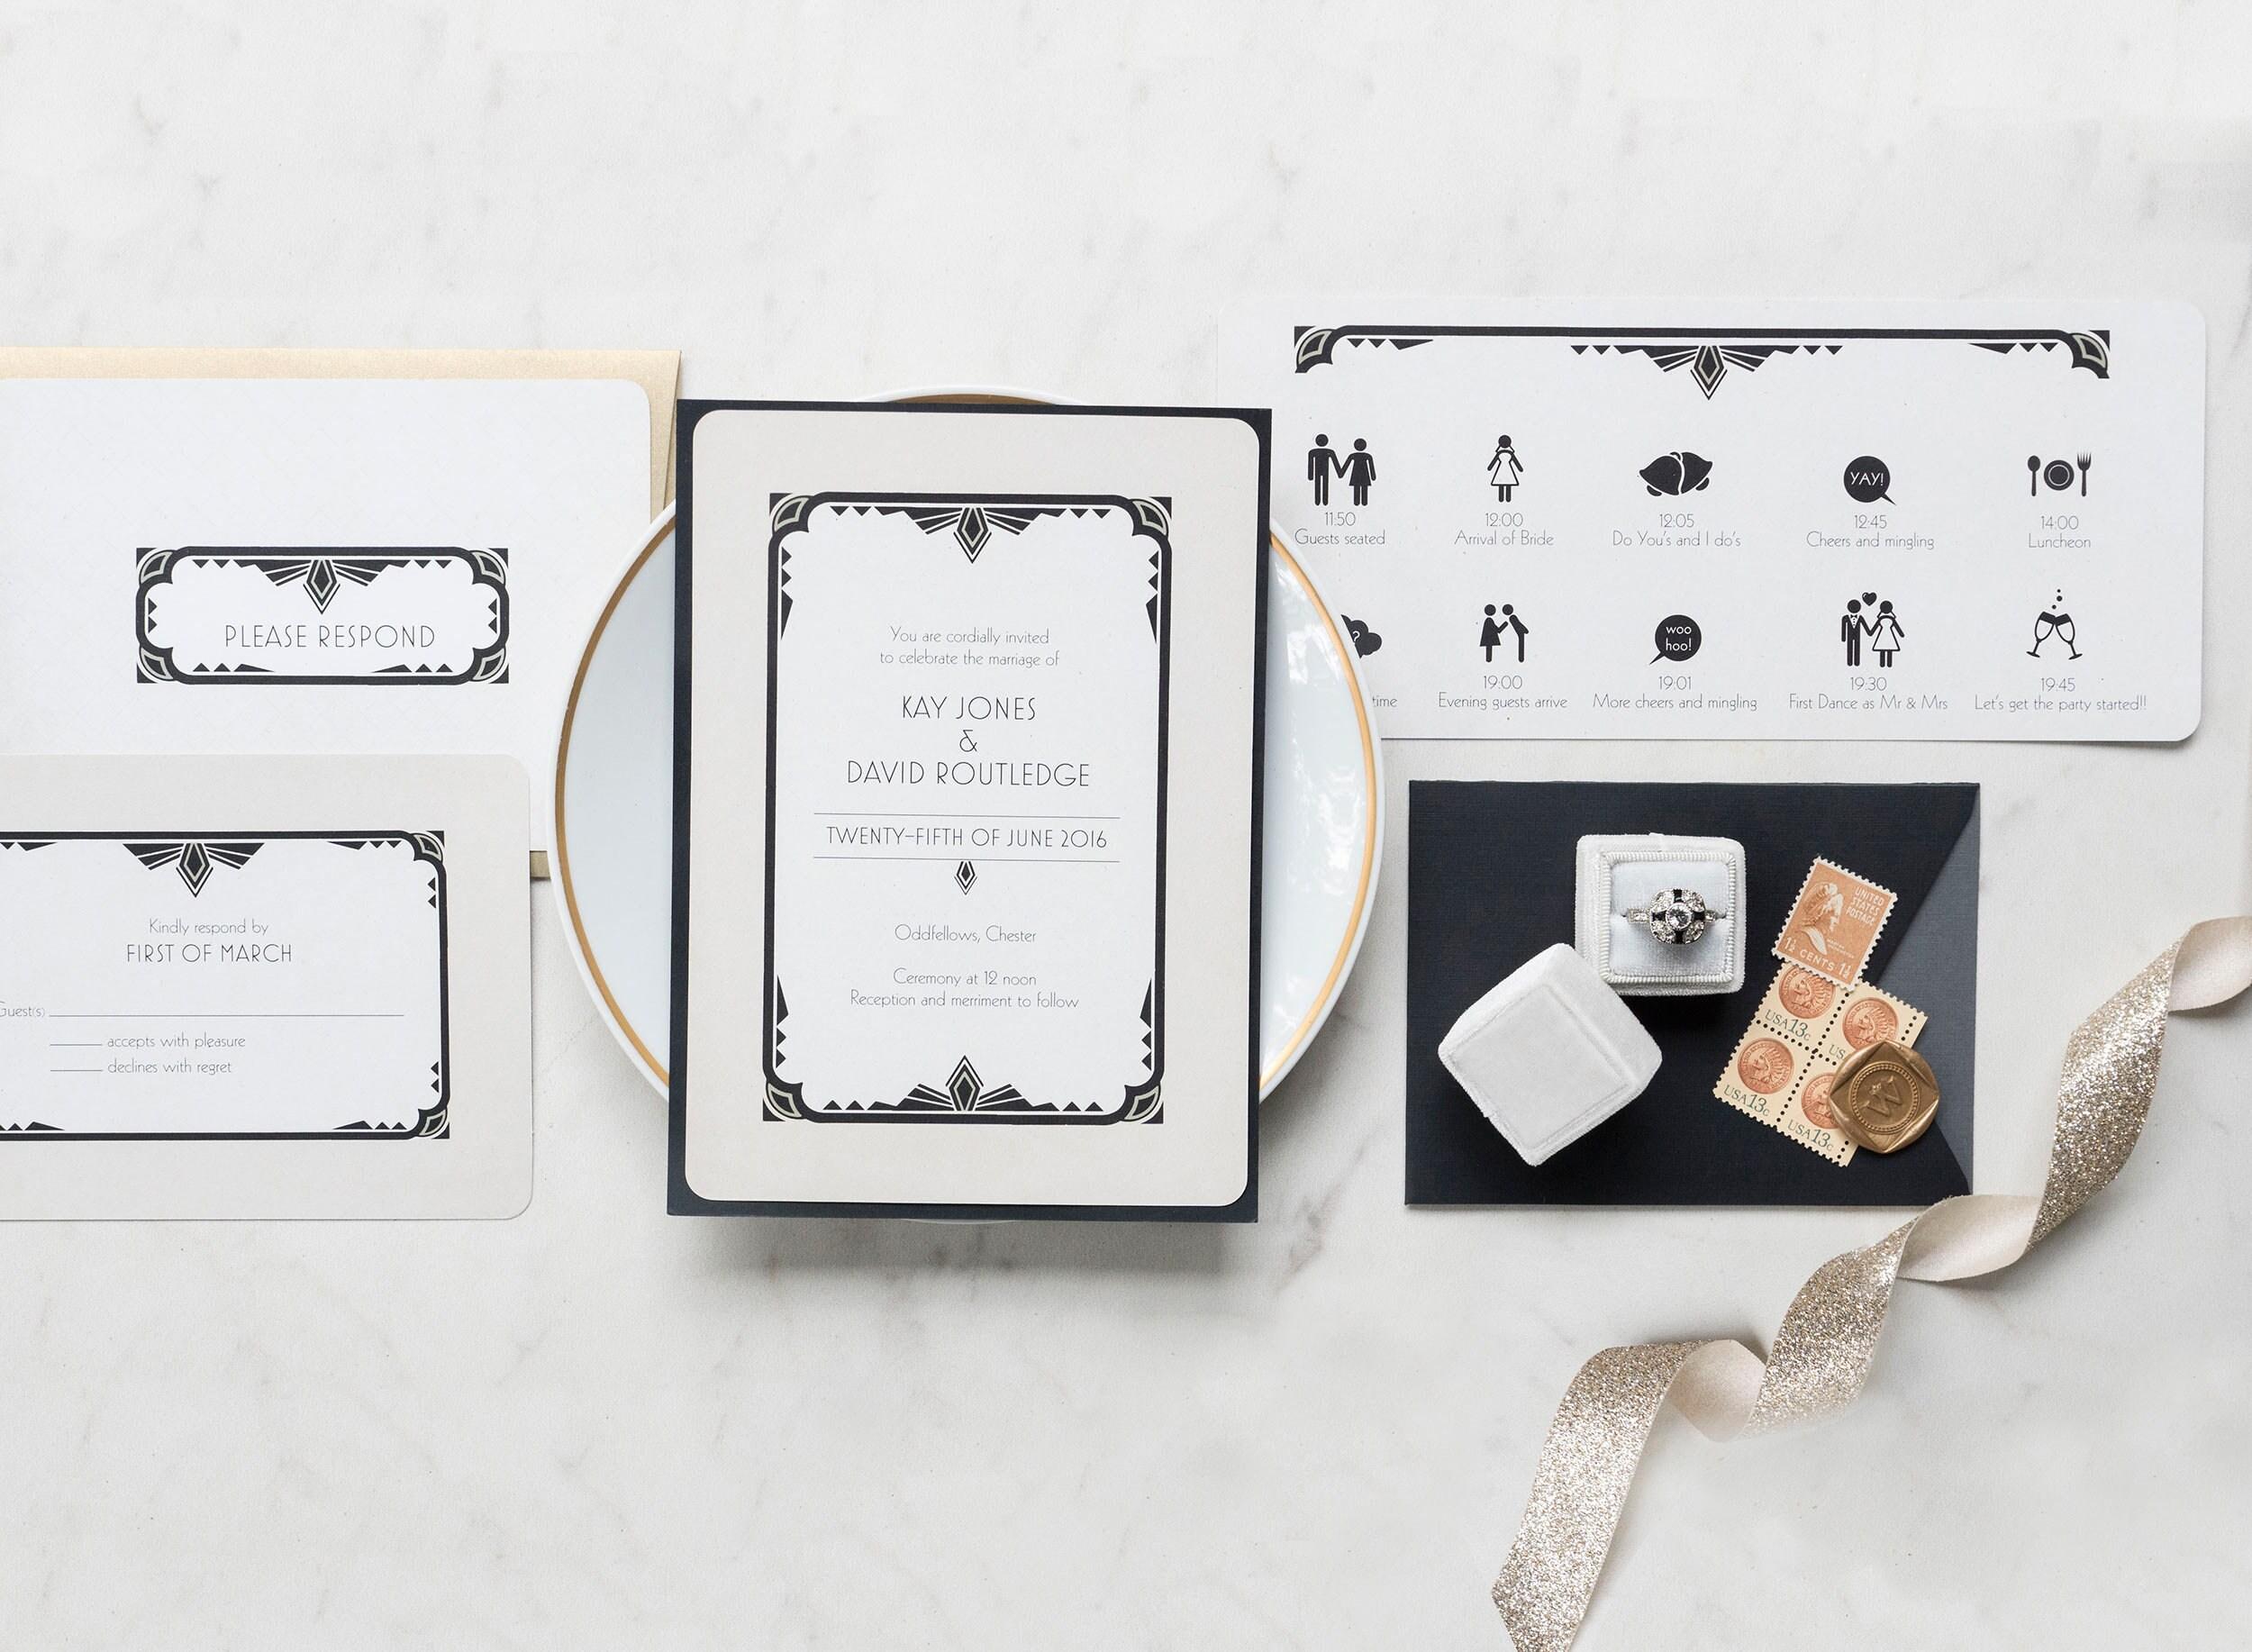 Großartig Einzigartige Hochzeitsprogramme Vorlagen Galerie - Entry ...